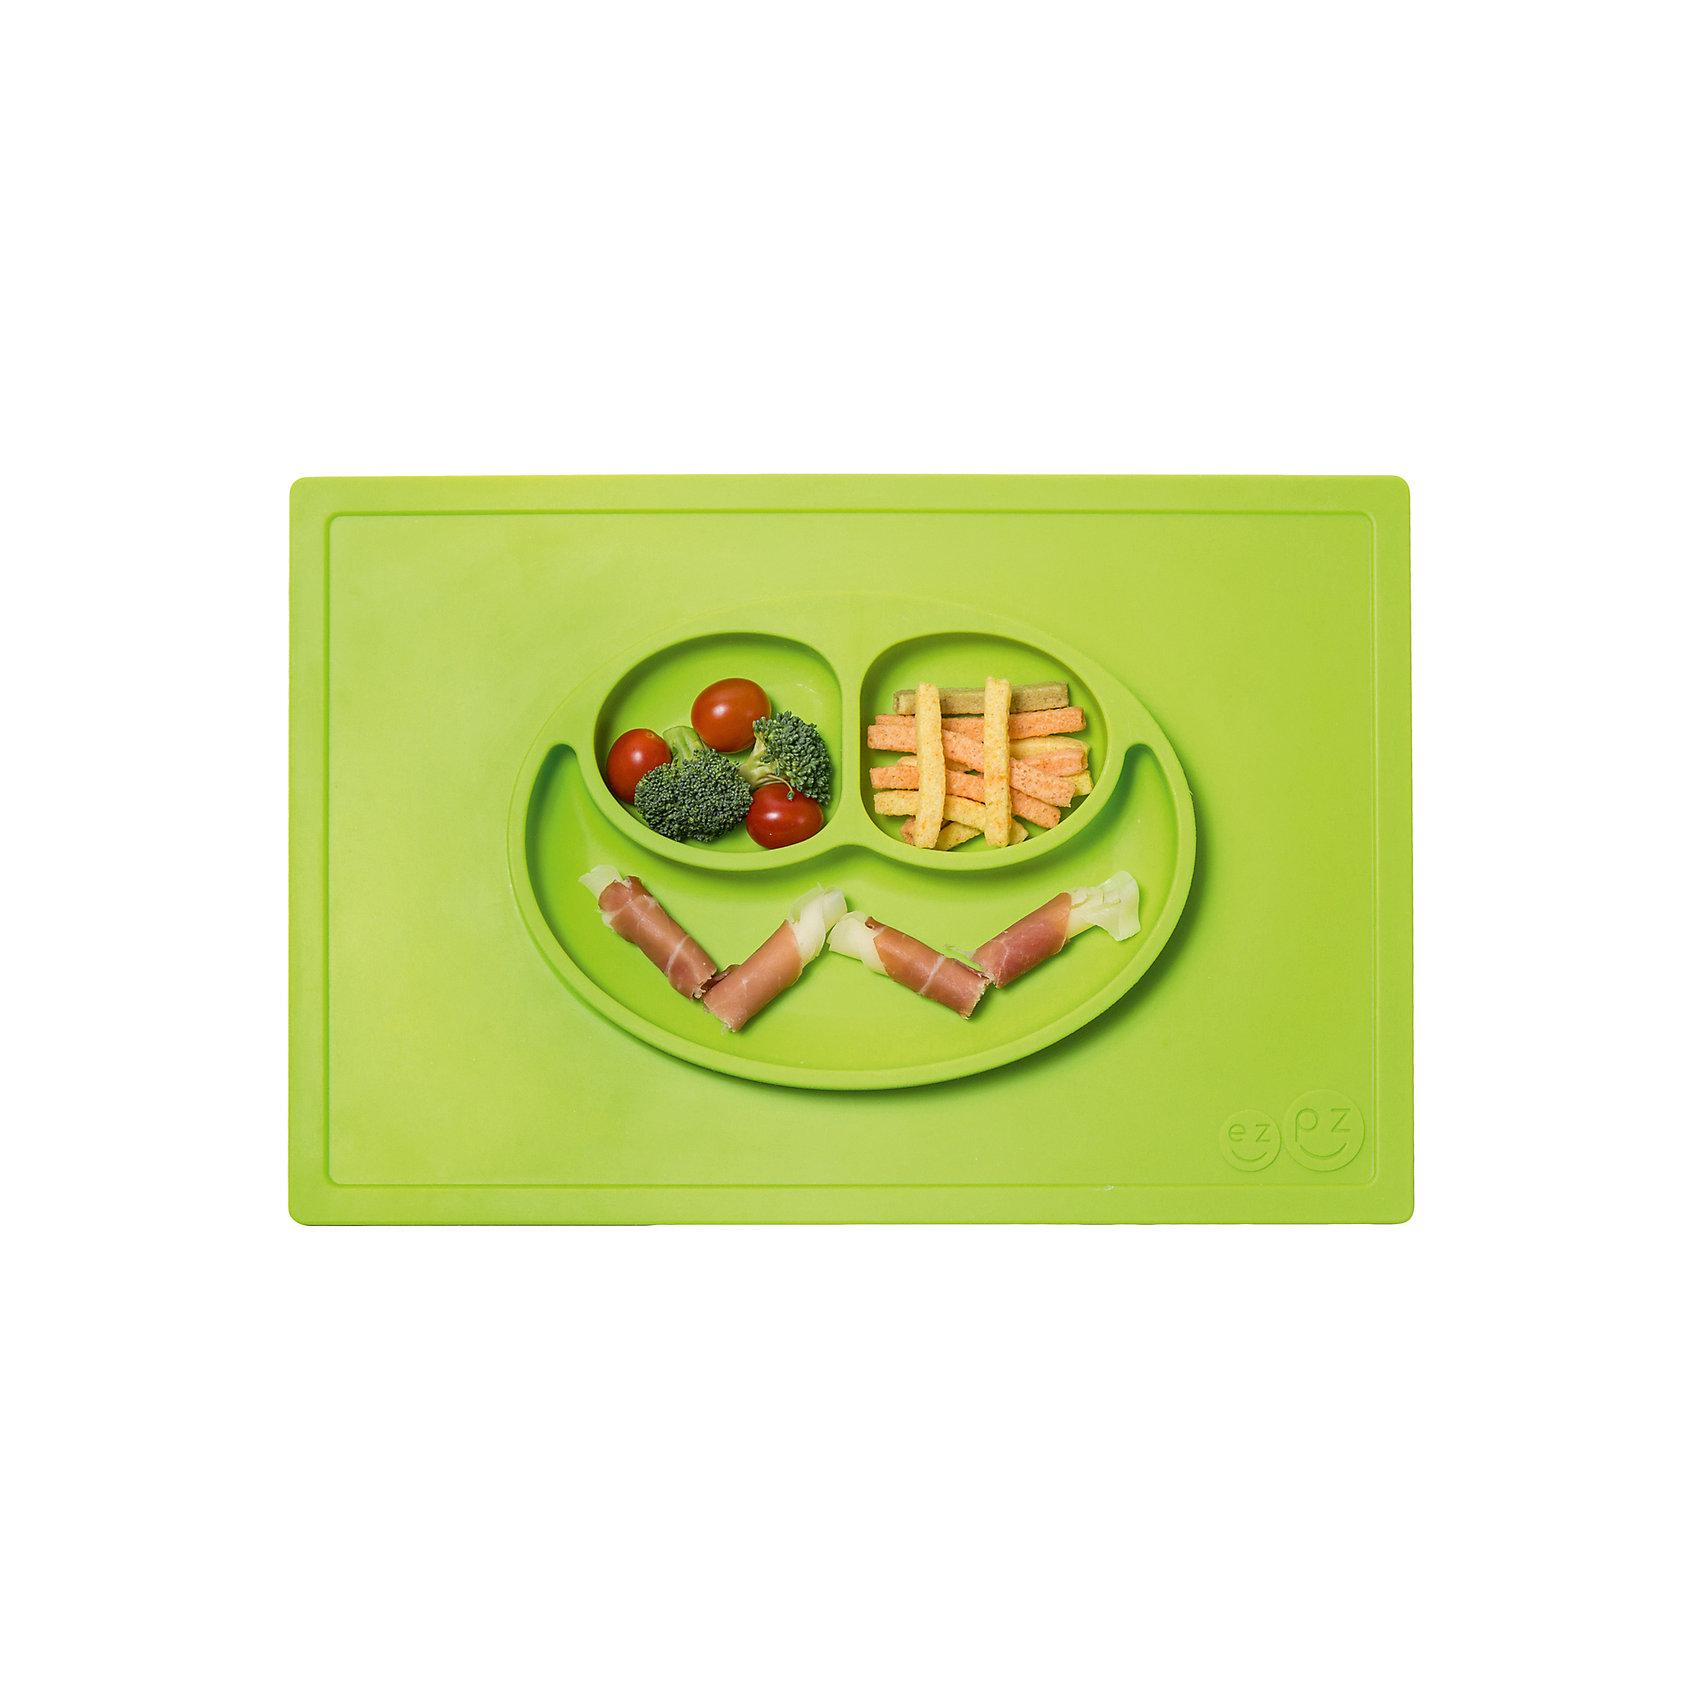 Тарелка с подставкой Happy Mat, ezpz, зеленыйТарелка с подставкой Happy Mat, ezpz, зеленый.<br><br>Характеристики:<br>• изготовлена из качественного пищевого силикона<br>• надежно крепится к столу<br>• сгибается по краям<br>• 3 отсека для еды<br>• подходит для посудомоечной машины и микроволновой печи<br>• не содержит бисфенол, свинец, фталаты, поливинилхлорид<br>• приятный дизайн<br>• состав: 100% силикон<br>• размер: 38х25,5х3 см<br>• объем: 540 мл<br>• цвет: зеленый<br><br>Тарелка с подставкой Happy Mat, ezpz пригодится, если в доме живут маленькие непоседы. Тарелка имеет 3 глубоких отсека, что позволяет подавать еду раздельно. Вы сможете одновременно подать к столу мясо, гарнир и фрукты, не пачкая лишнюю посуду. Дно тарелки надежно крепится к плоской поверхности - вы можете не переживать, что малыш опрокинет еду и обожжется. Приятный дизайн тарелки понравится ребенку, и он обязательно будет есть с аппетитом!<br><br>Тарелку с подставкой Happy Mat, ezpz, зеленый можно купить в нашем интернет-магазине.<br><br>Ширина мм: 380<br>Глубина мм: 25<br>Высота мм: 255<br>Вес г: 701<br>Возраст от месяцев: 0<br>Возраст до месяцев: 36<br>Пол: Унисекс<br>Возраст: Детский<br>SKU: 5068704